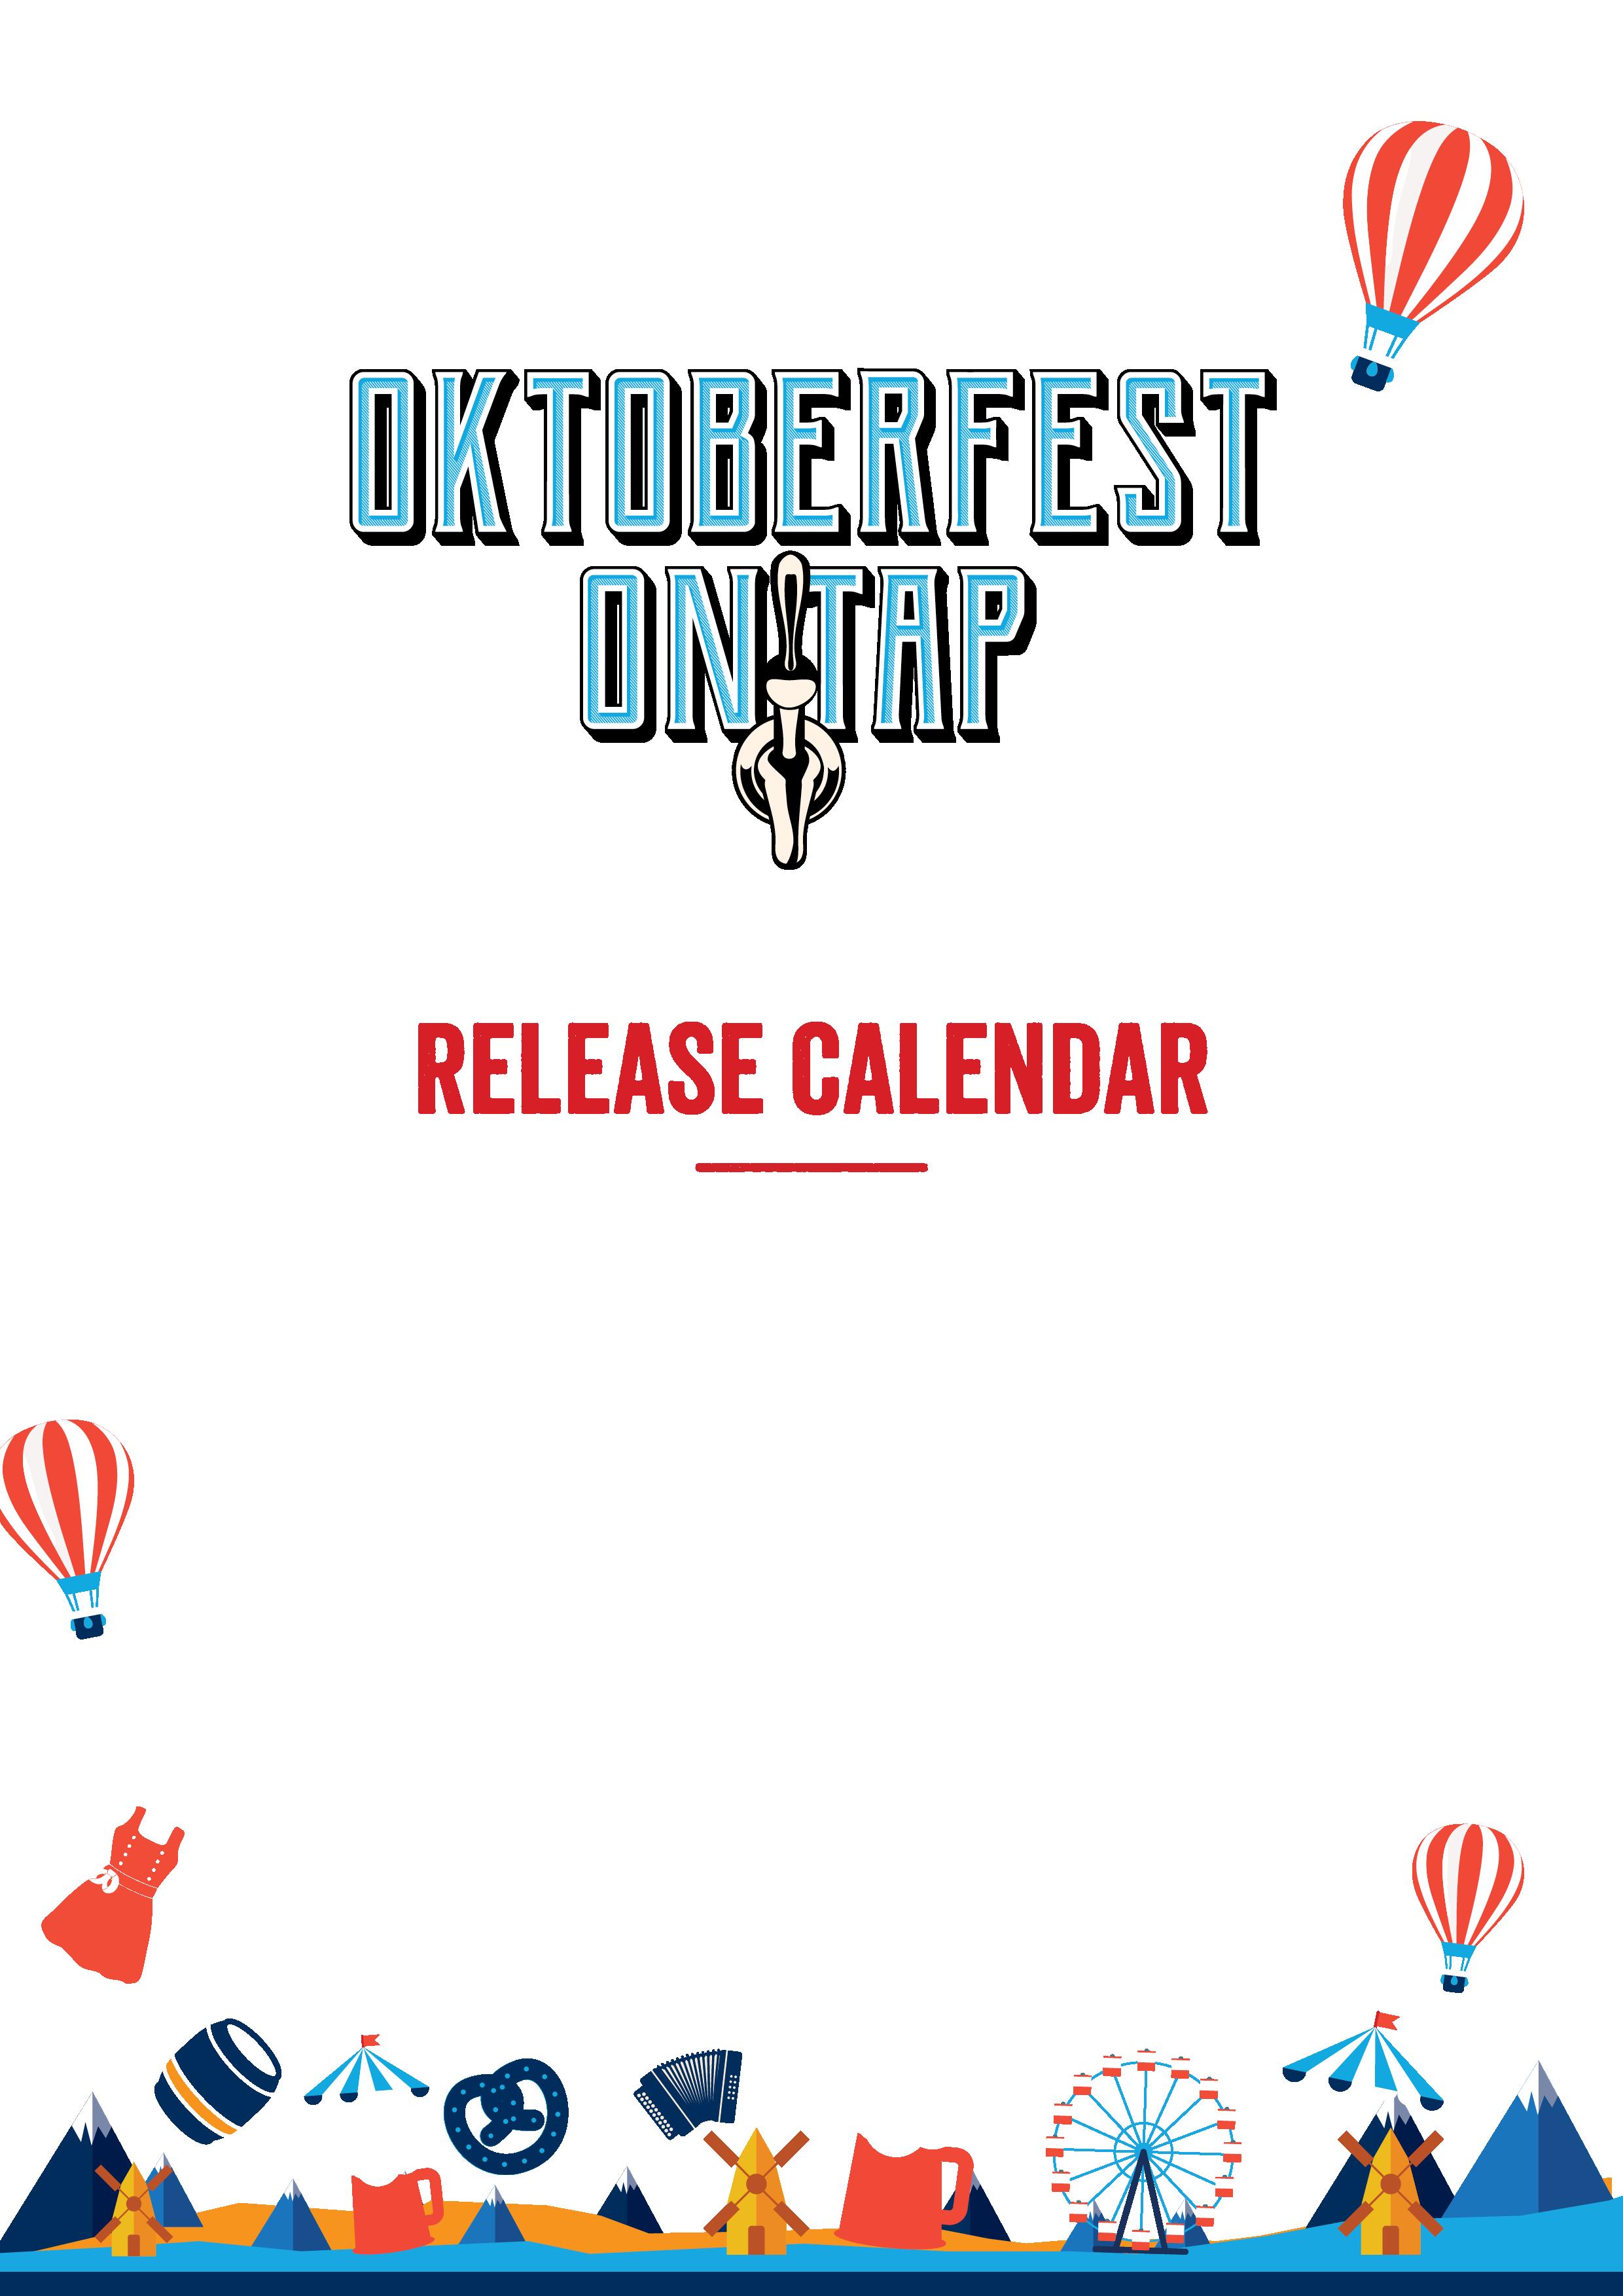 Oktoberfest bier calendar